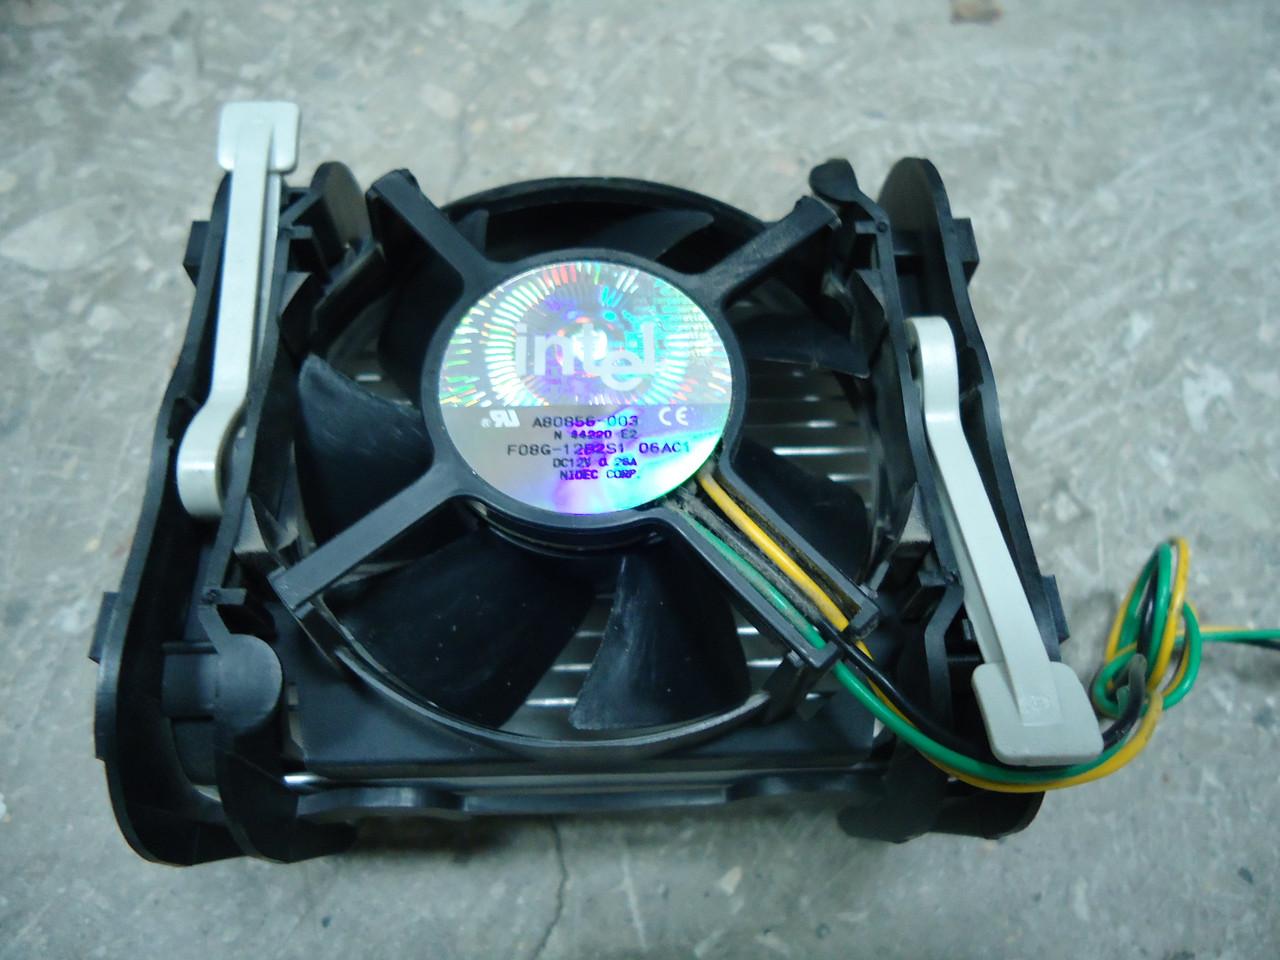 Процессорный кулер Intel под socket 478 оригинал